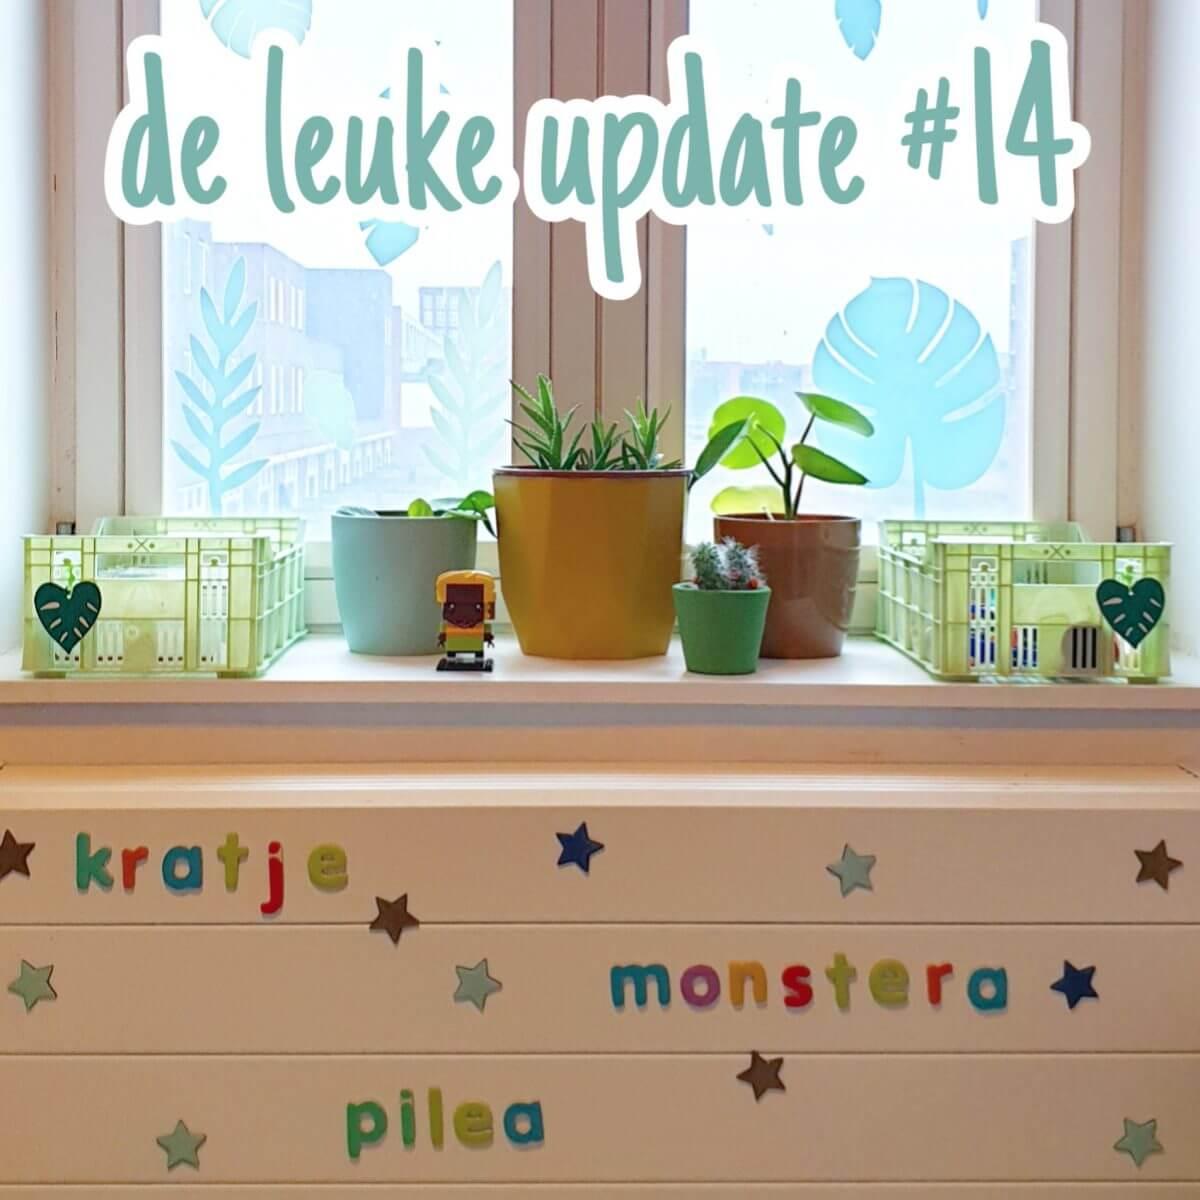 de leuke update 14